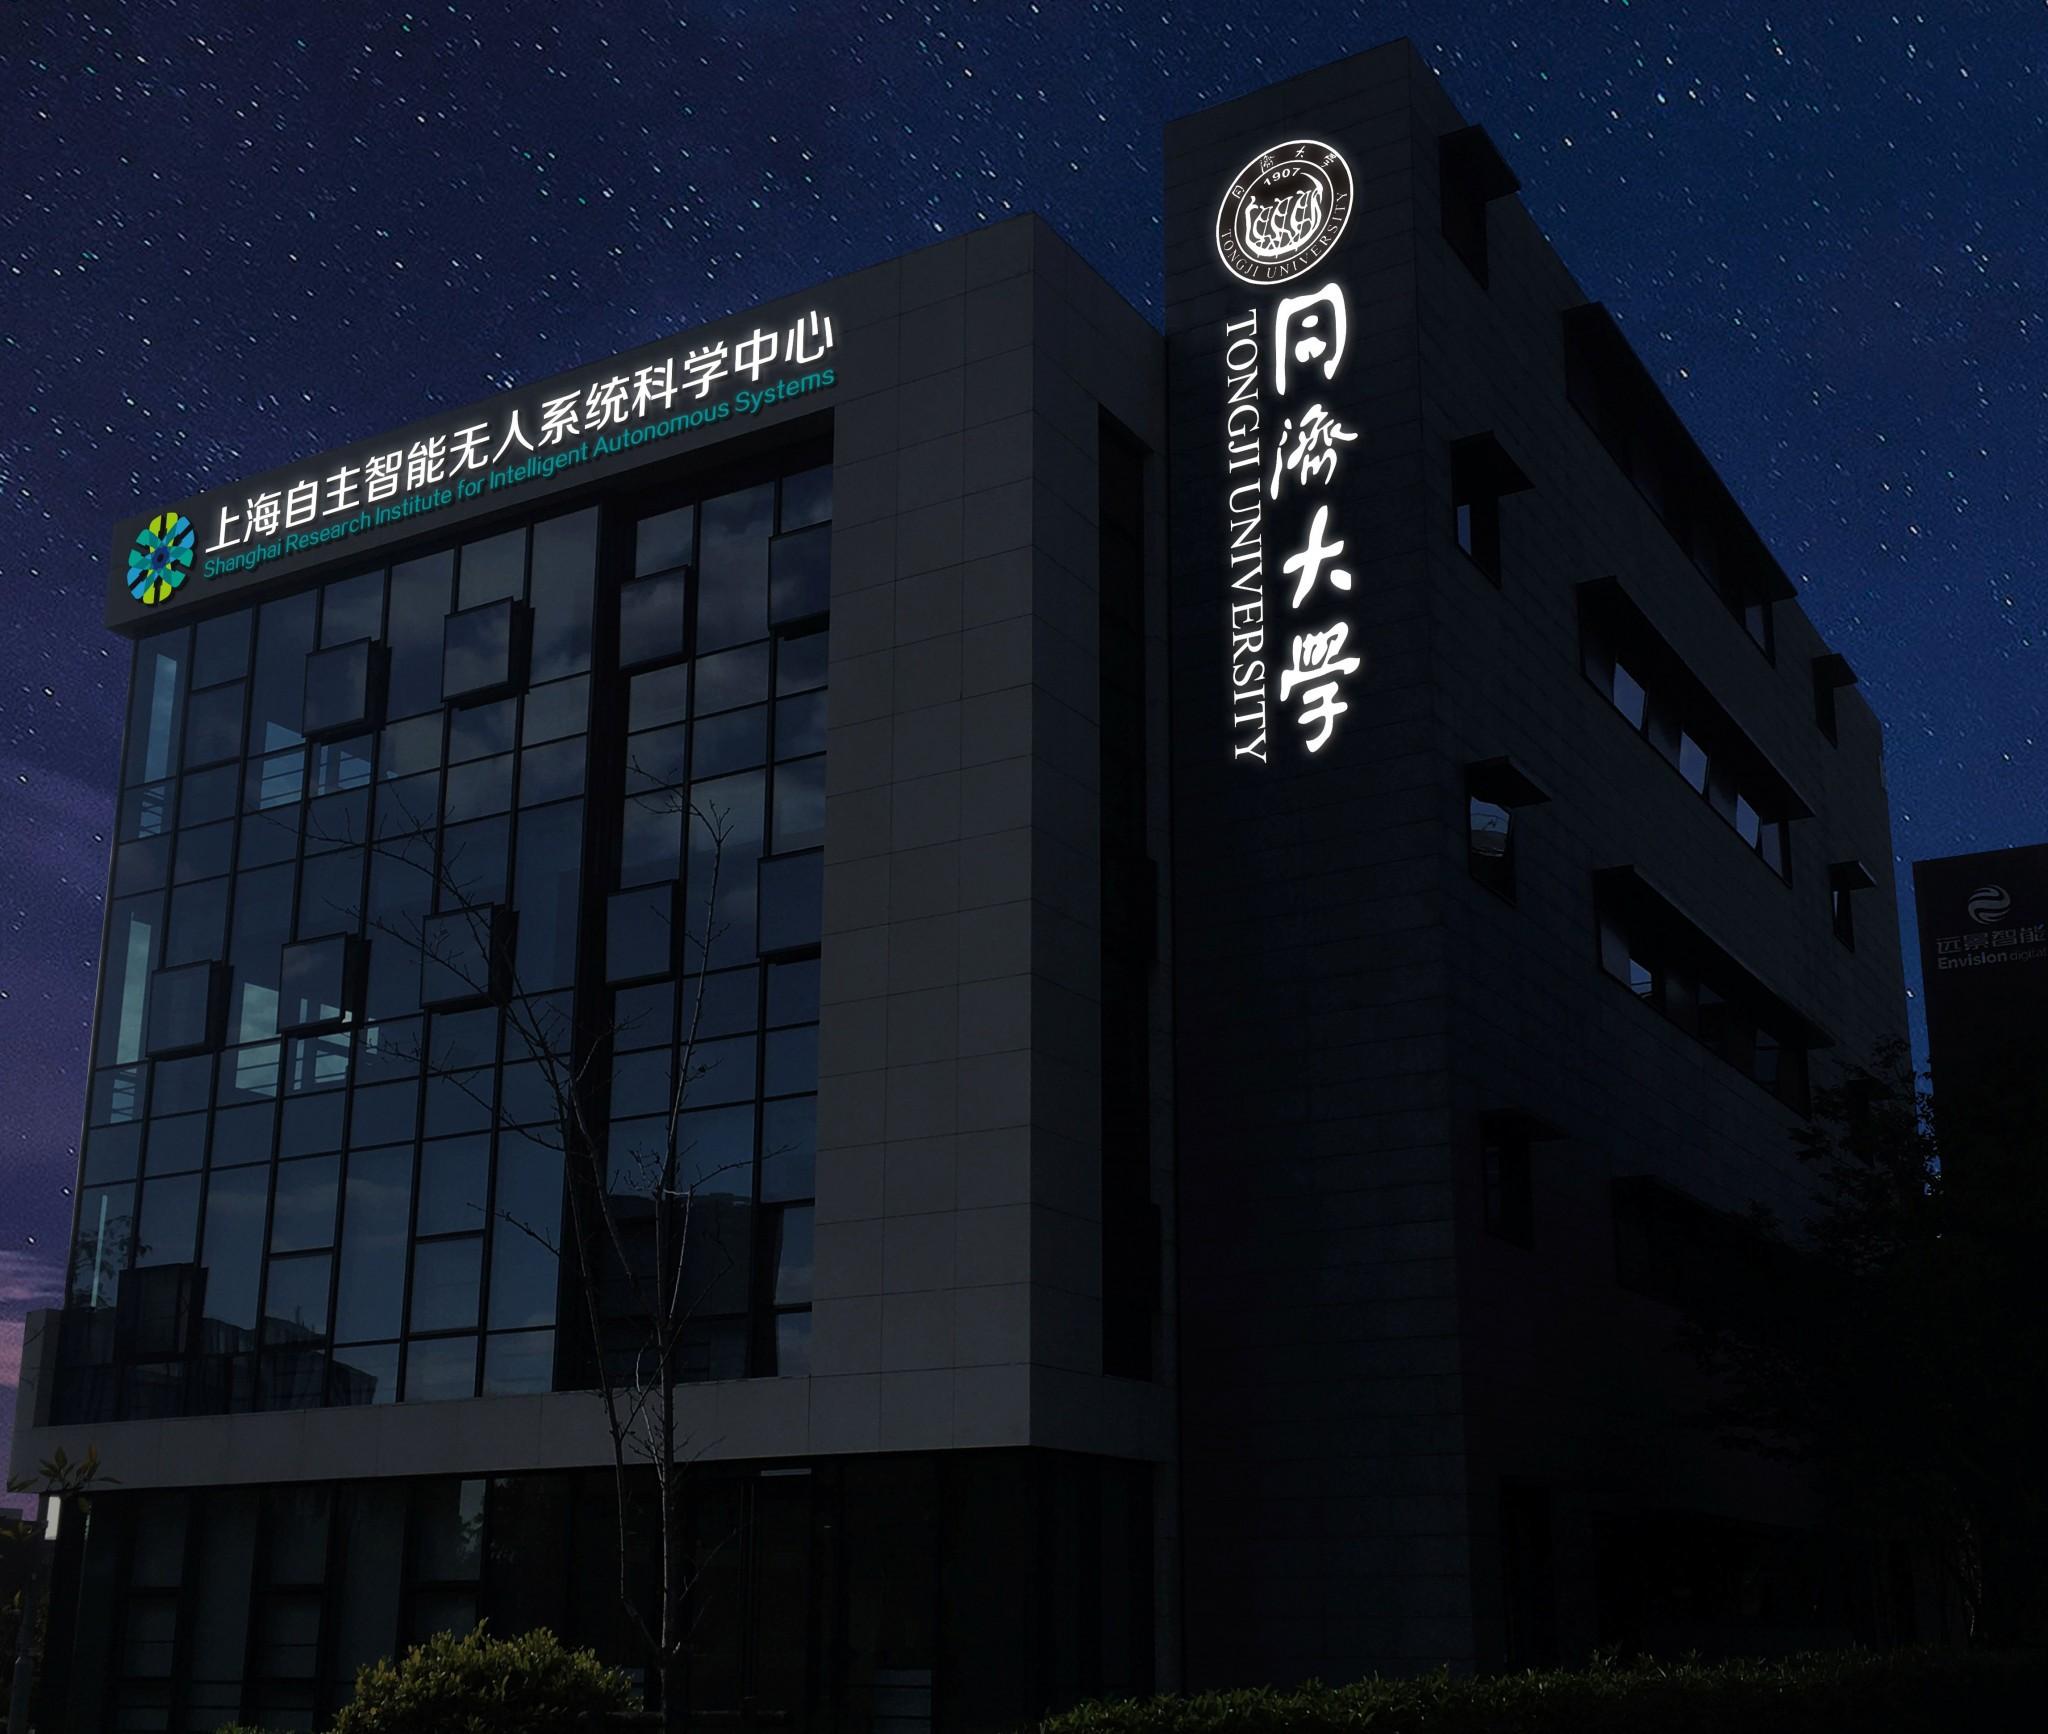 同济大学楼顶发光标识设计制作安装